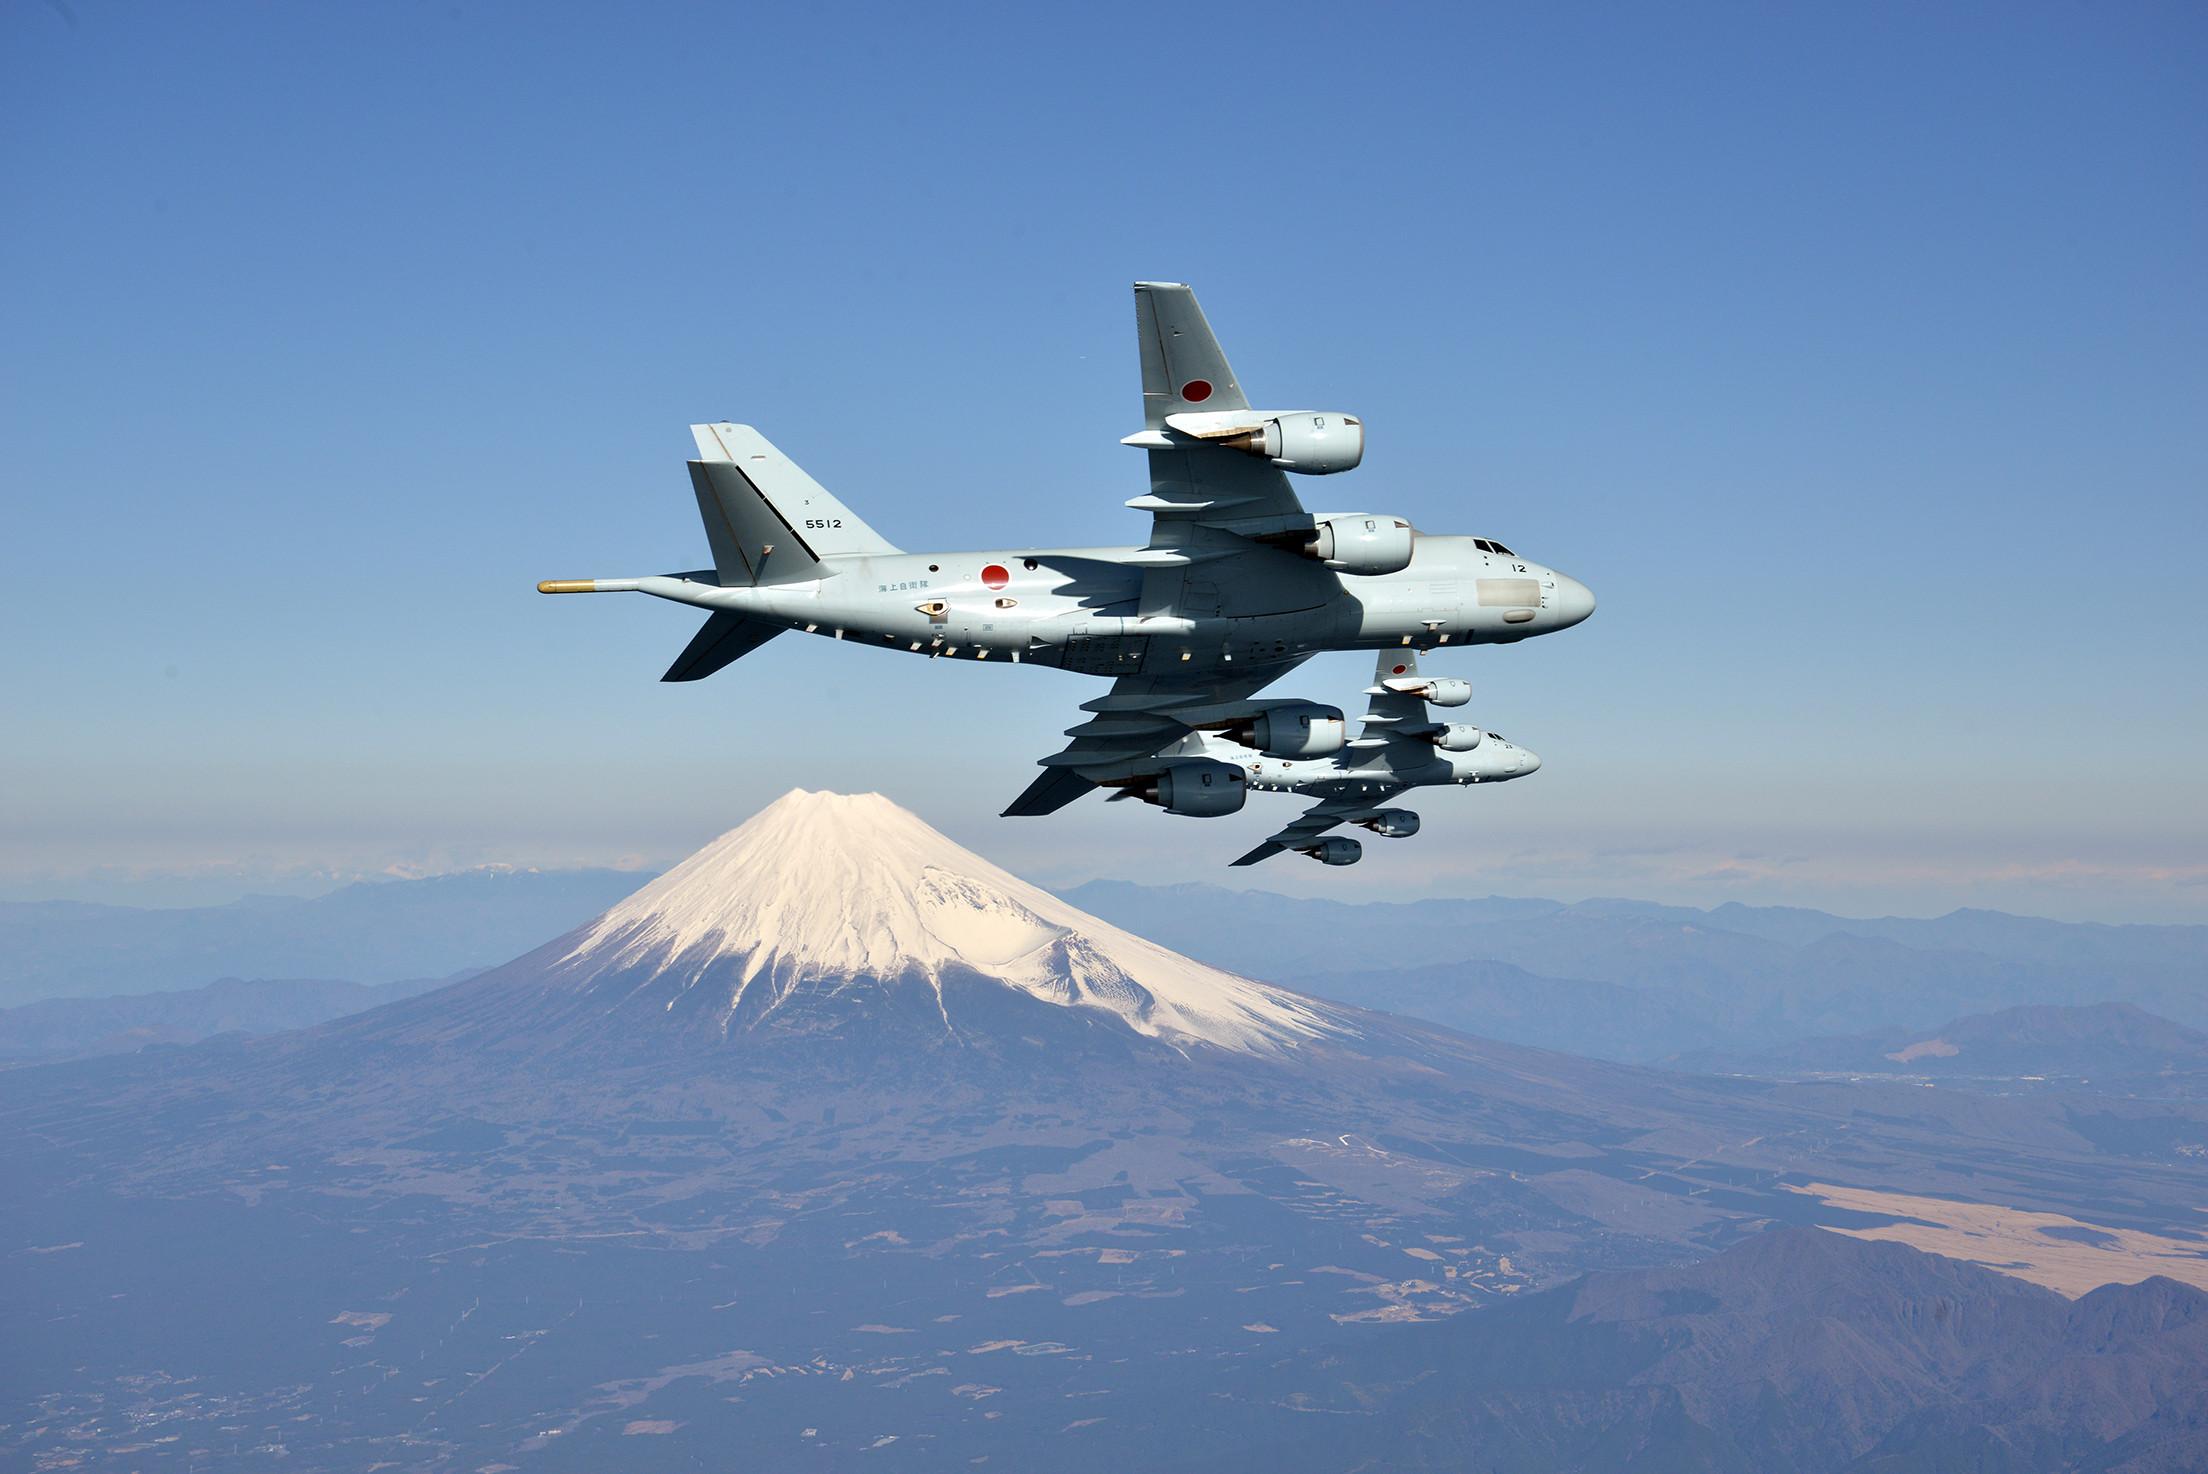 海龍,美國海軍,解放軍,潛艦,海軍,亞太地區,聯合演習,區域和平,自衛隊,反潛機